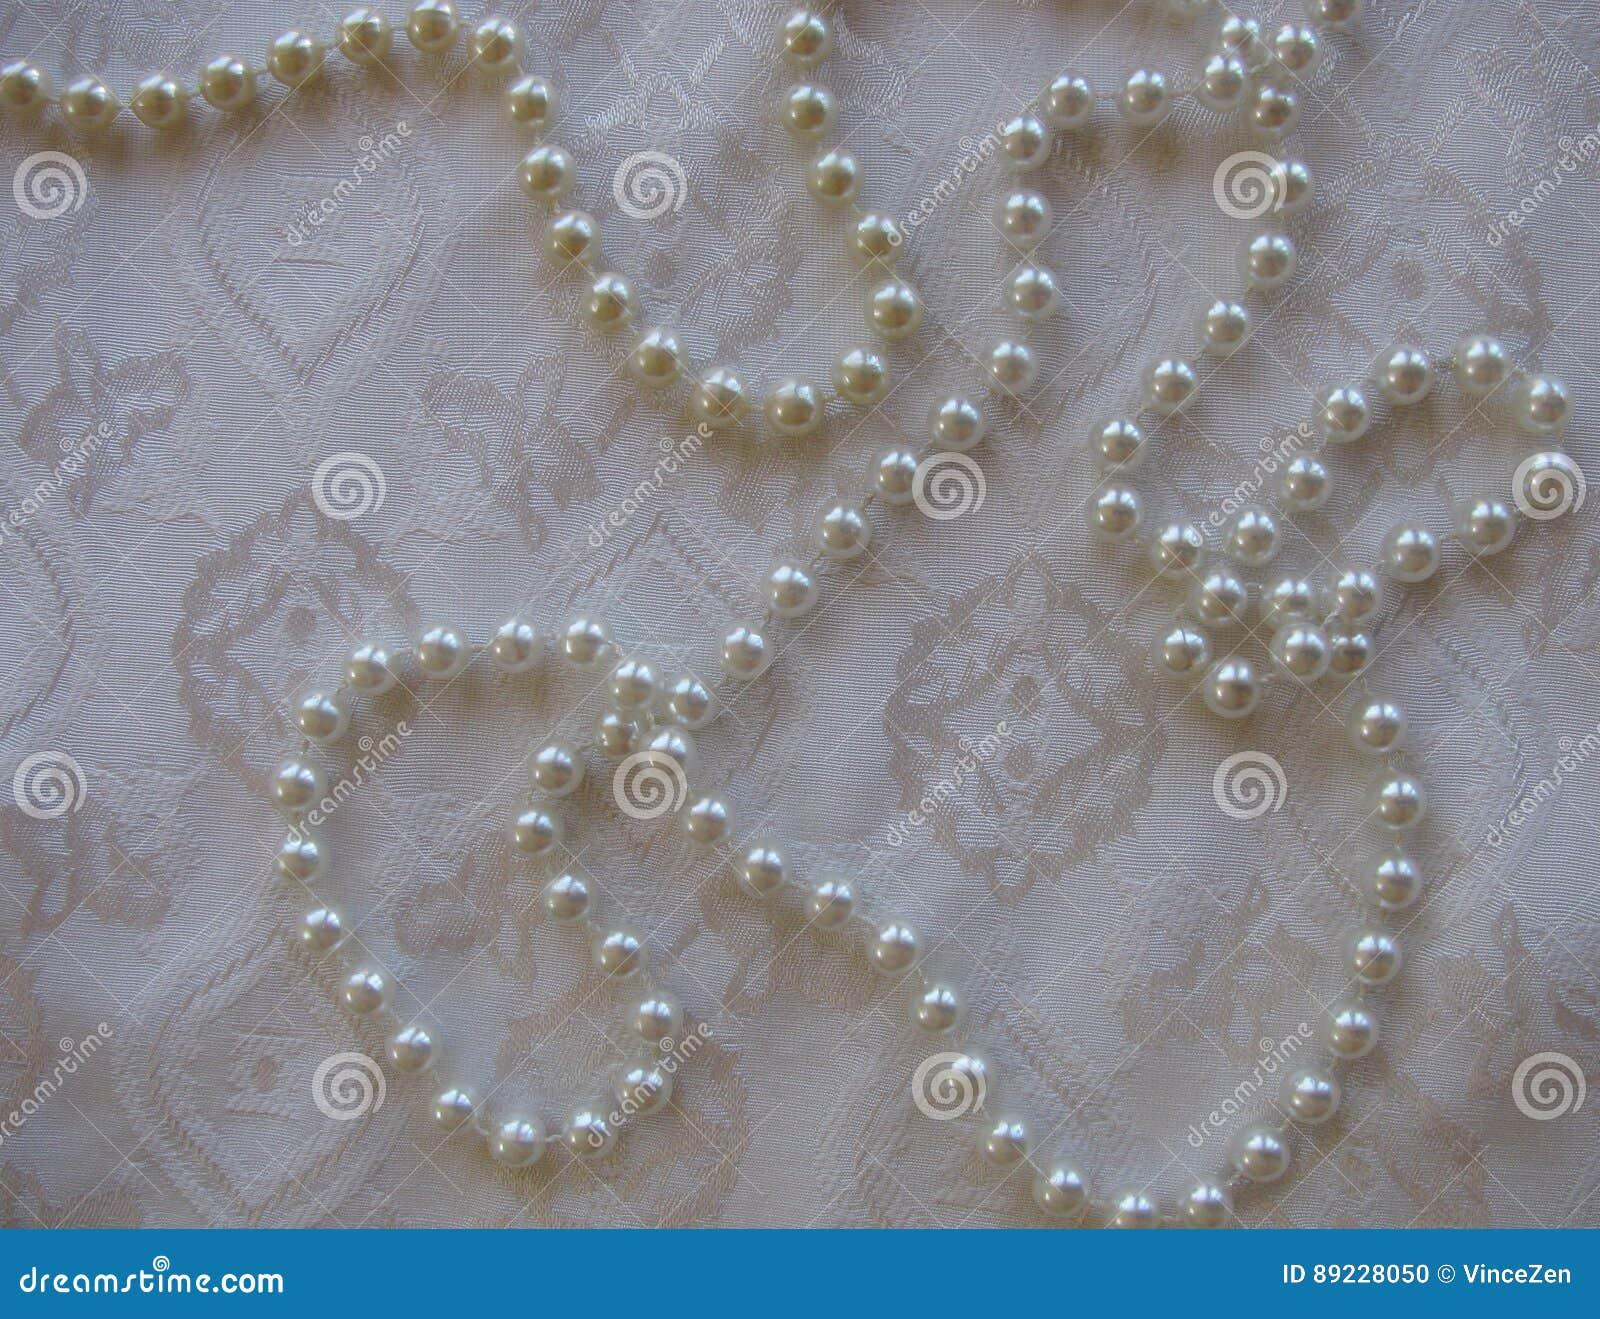 Vit texturerade bakgrund av glänsande pärlor på ett rikt mönstrat tyg